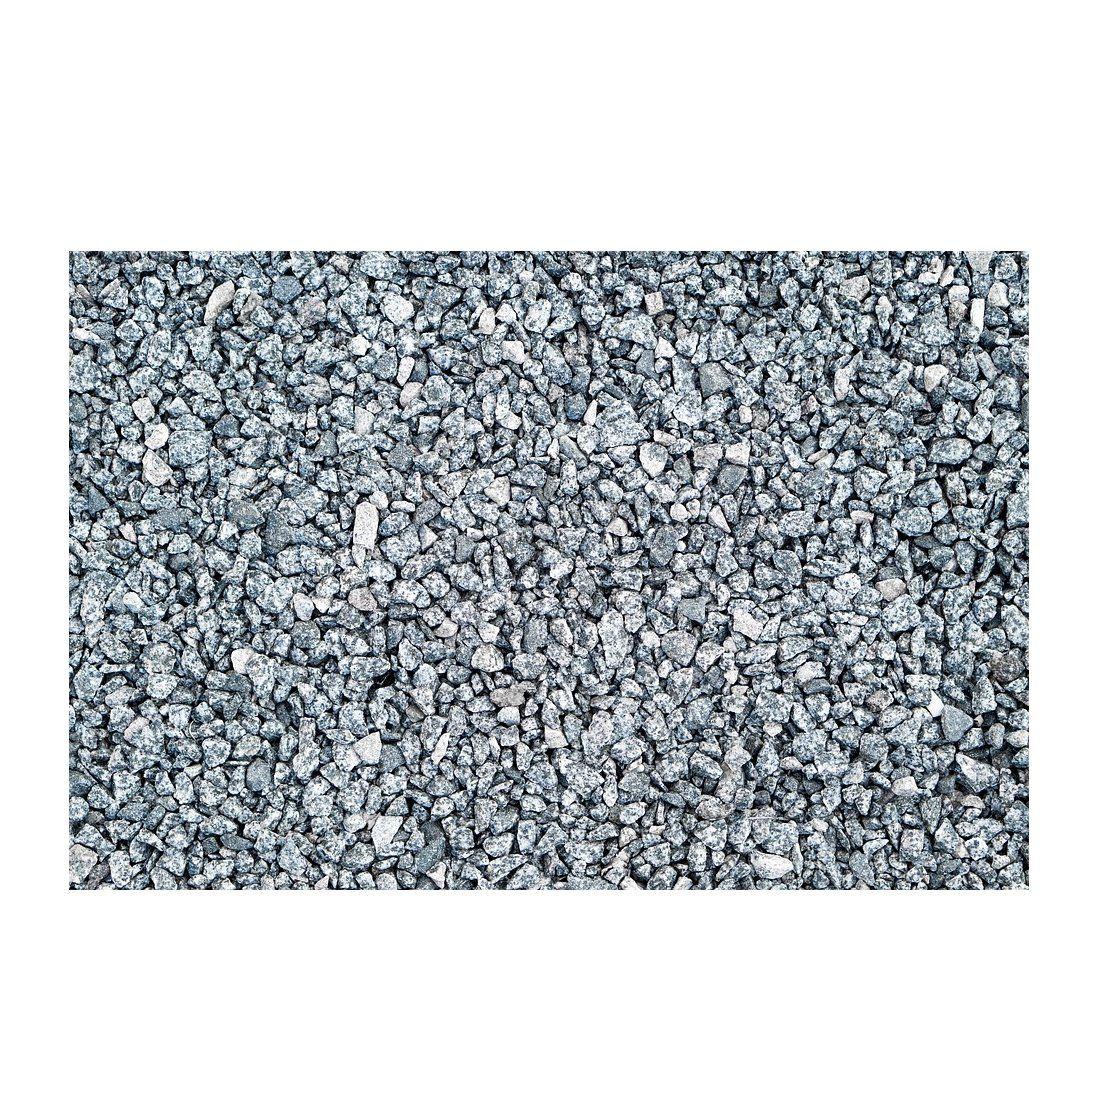 Venta y distribución de materiales de construcción